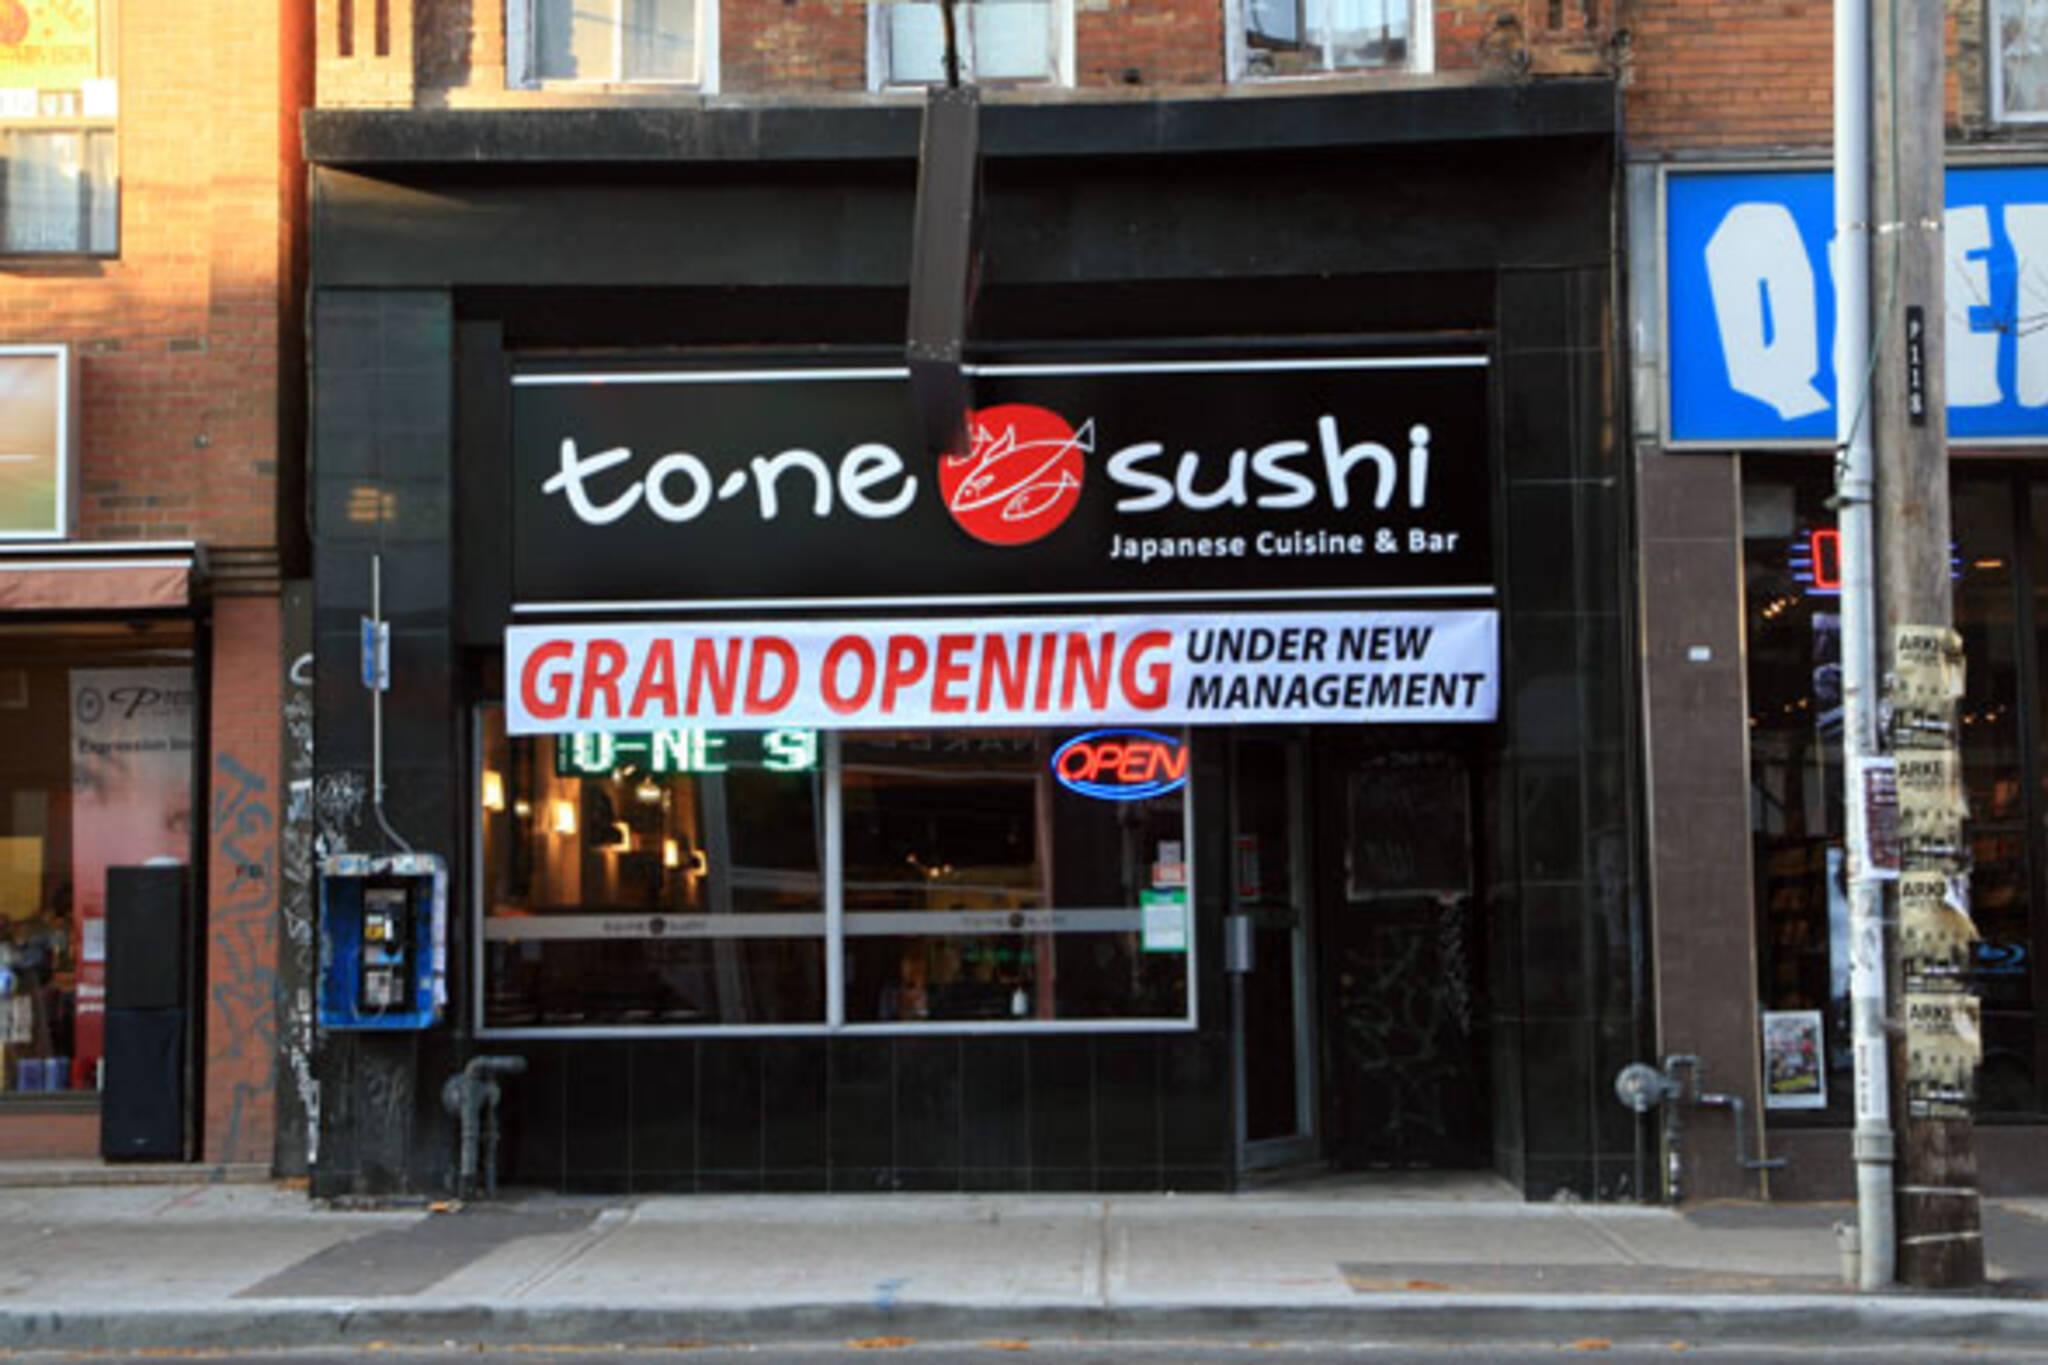 Tone Sushi